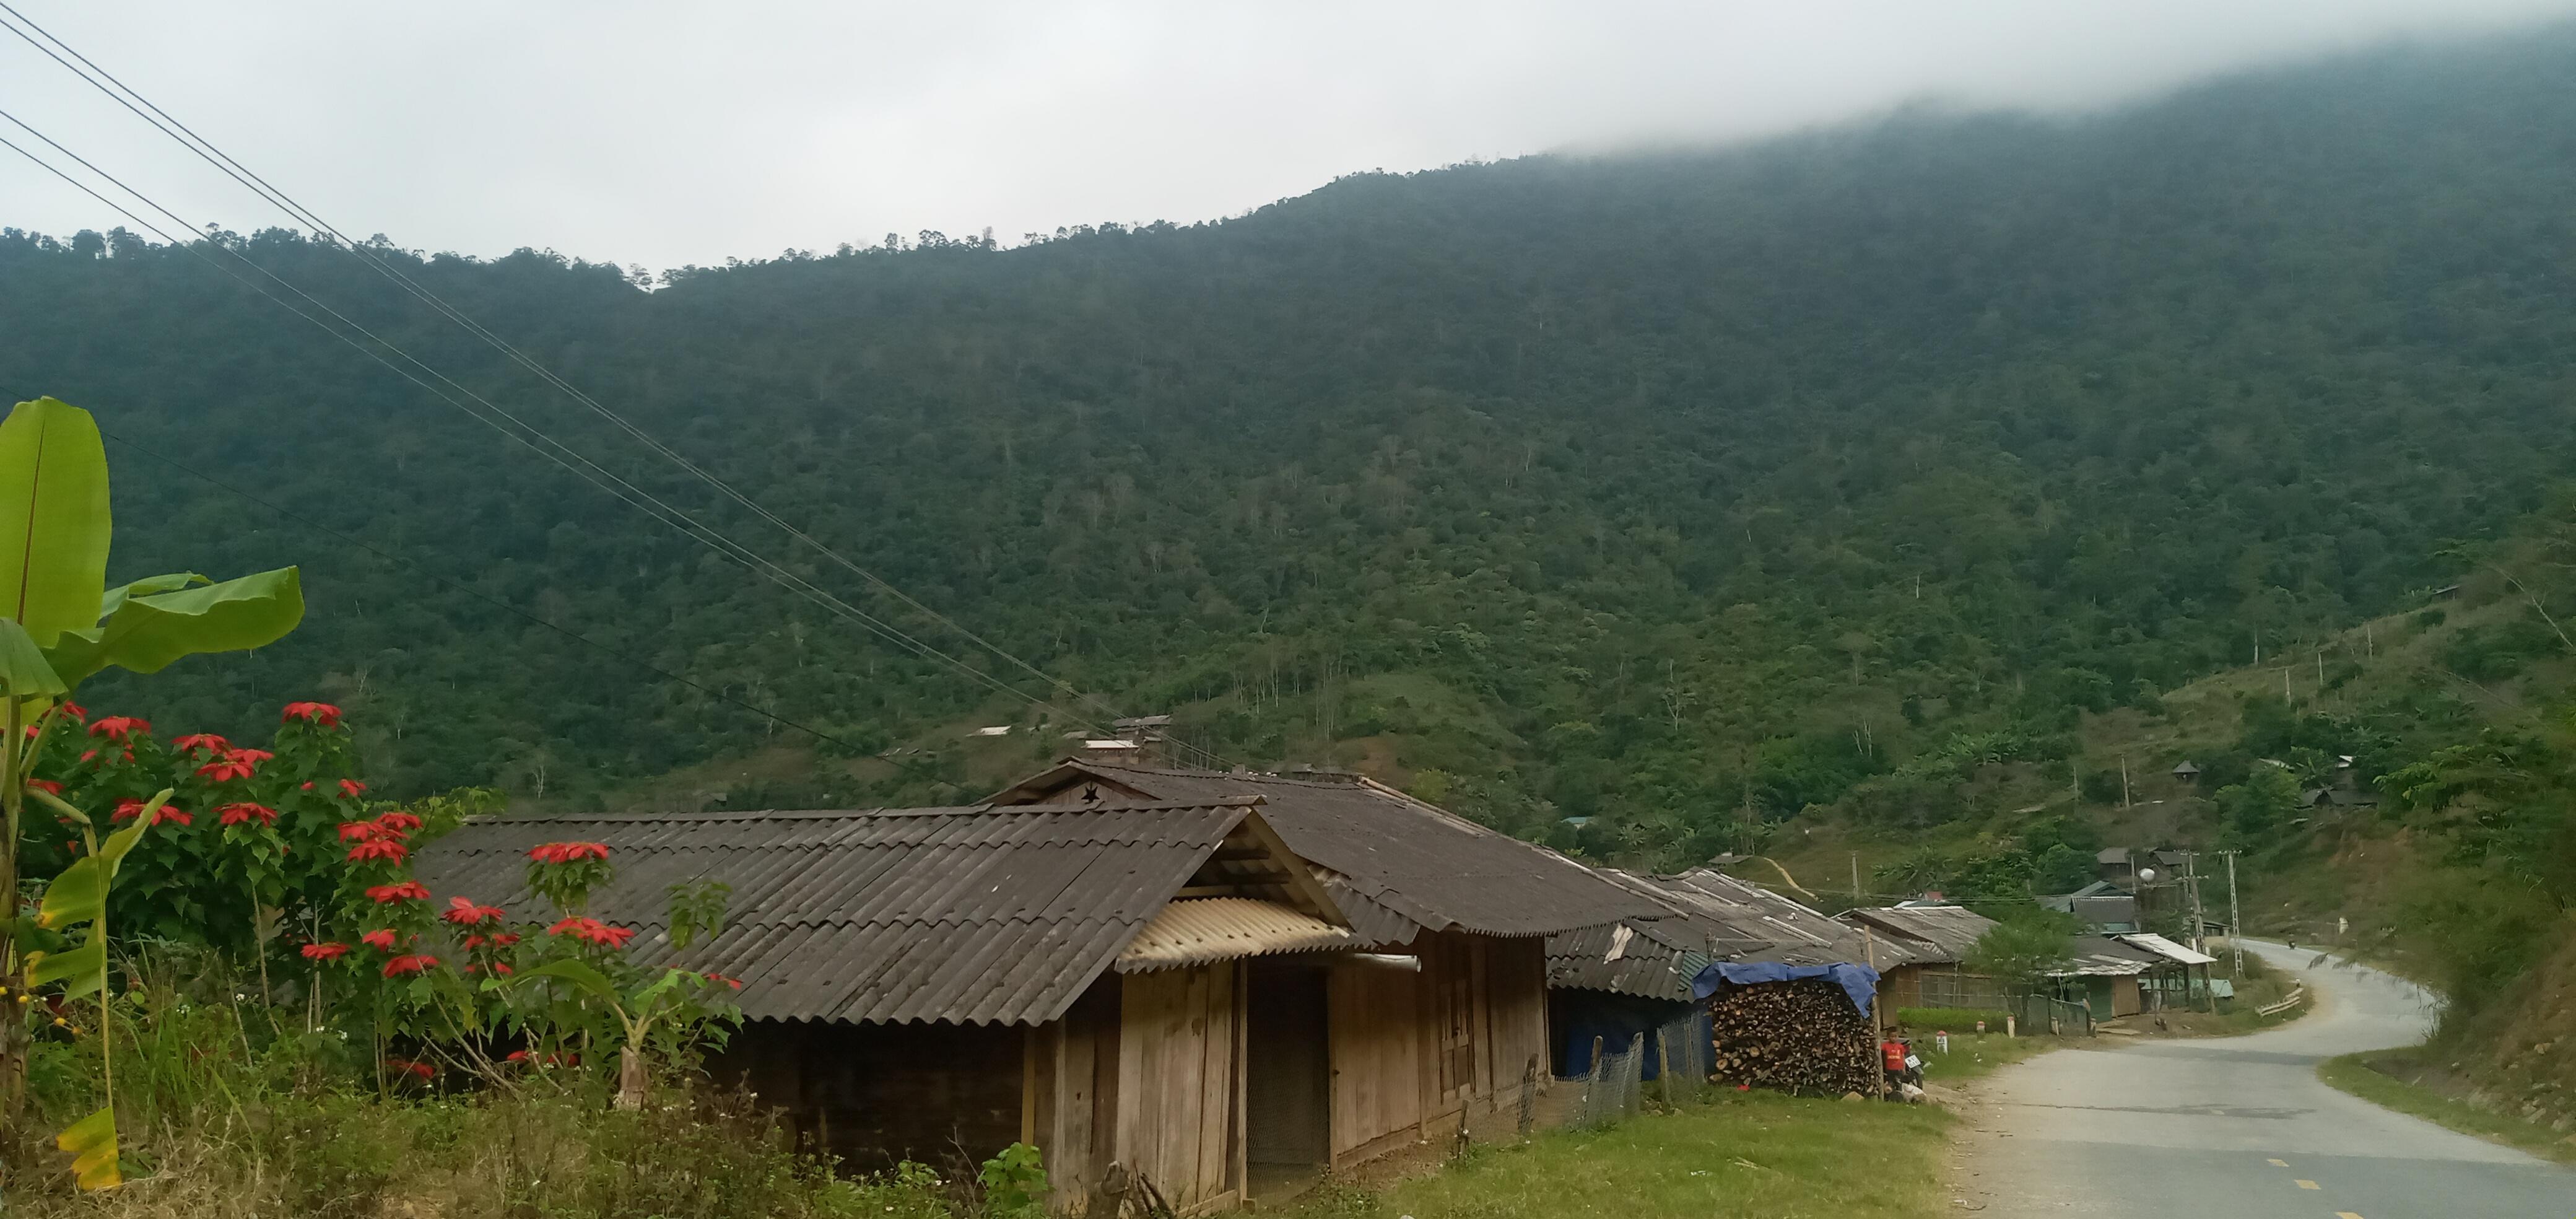 Cuộc sống còn nhiều khó khăn, thiếu thốn của đồng bào ơ bản suối Phái, đặc biệt là tình trạng thiếu nước sạch sinh hoạt.